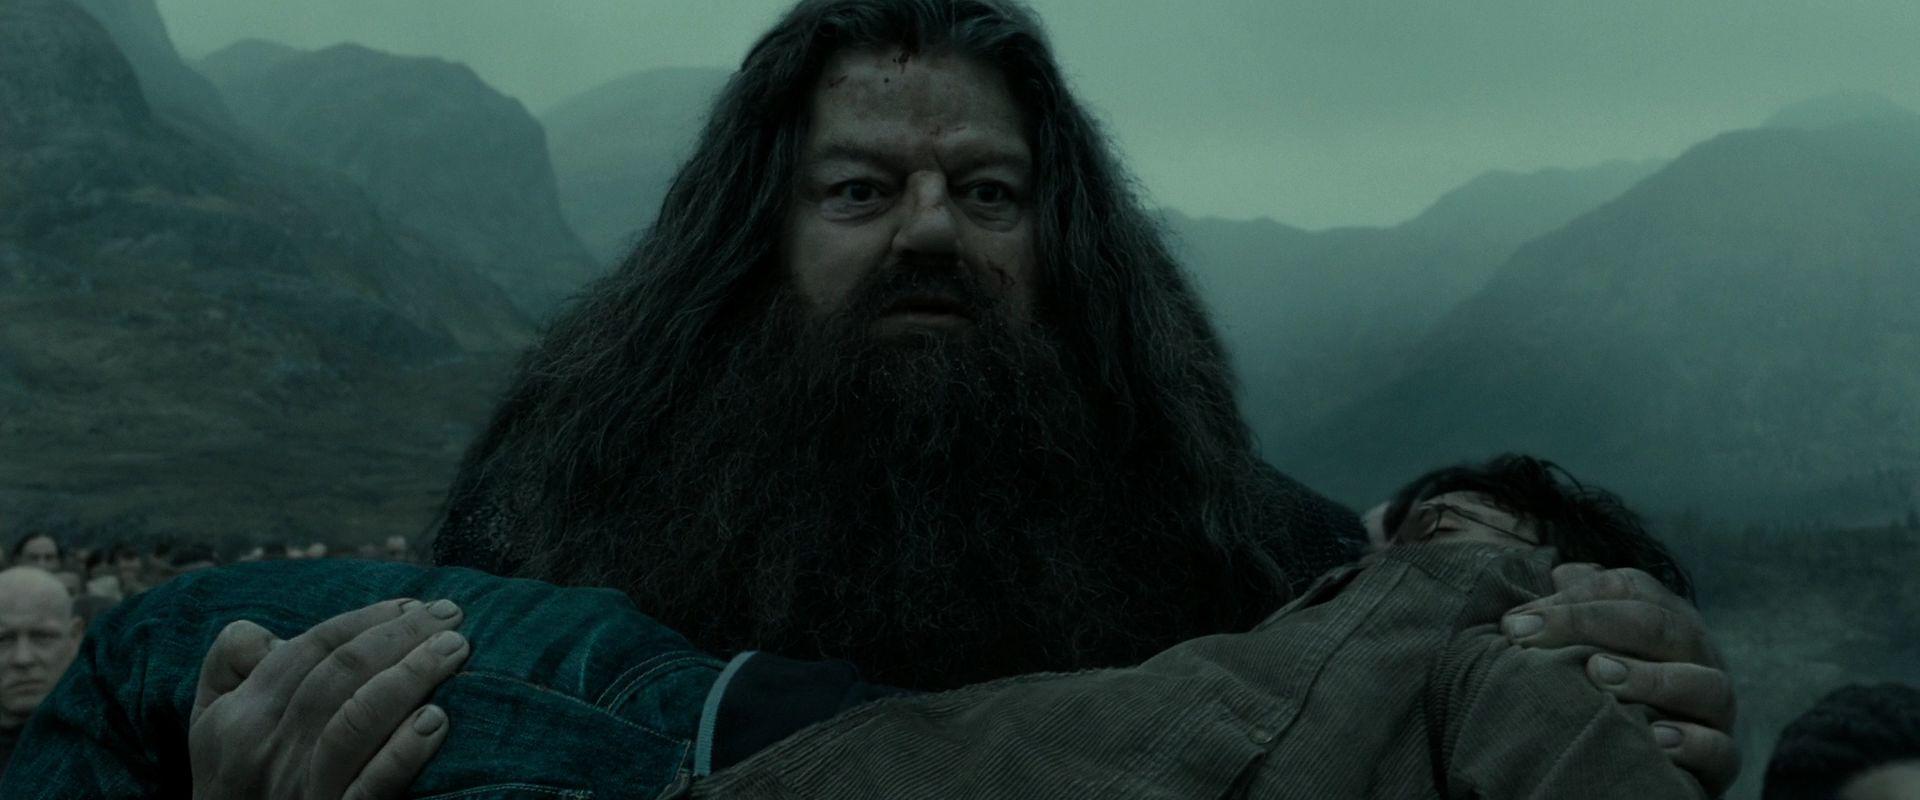 Cena do filme Harry Potter e as Relíquias da Morte: Parte 2. Na cena, vemos Rúbeo Hagrid, um gigante branco, gordo e de cabelos e barbas pretos, segurando Harry em seu colo.